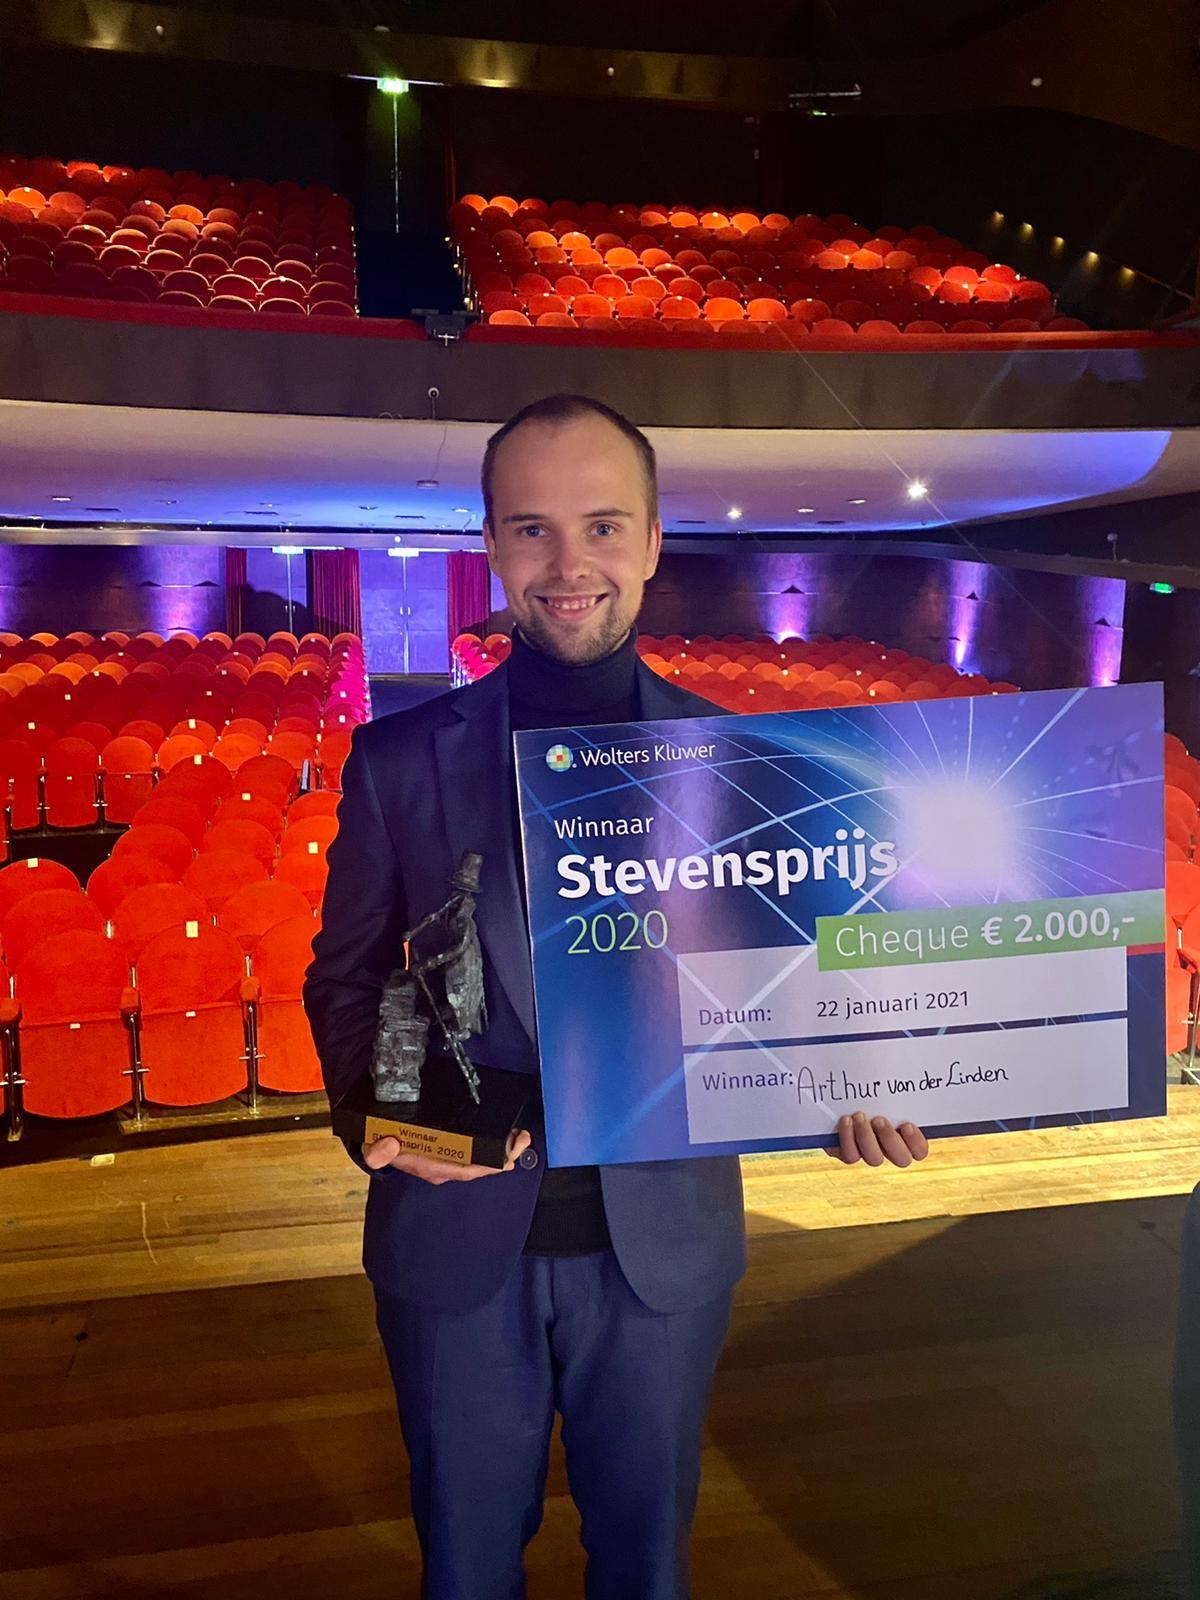 Arthur van der Linden wint de Stevensprijs 2020